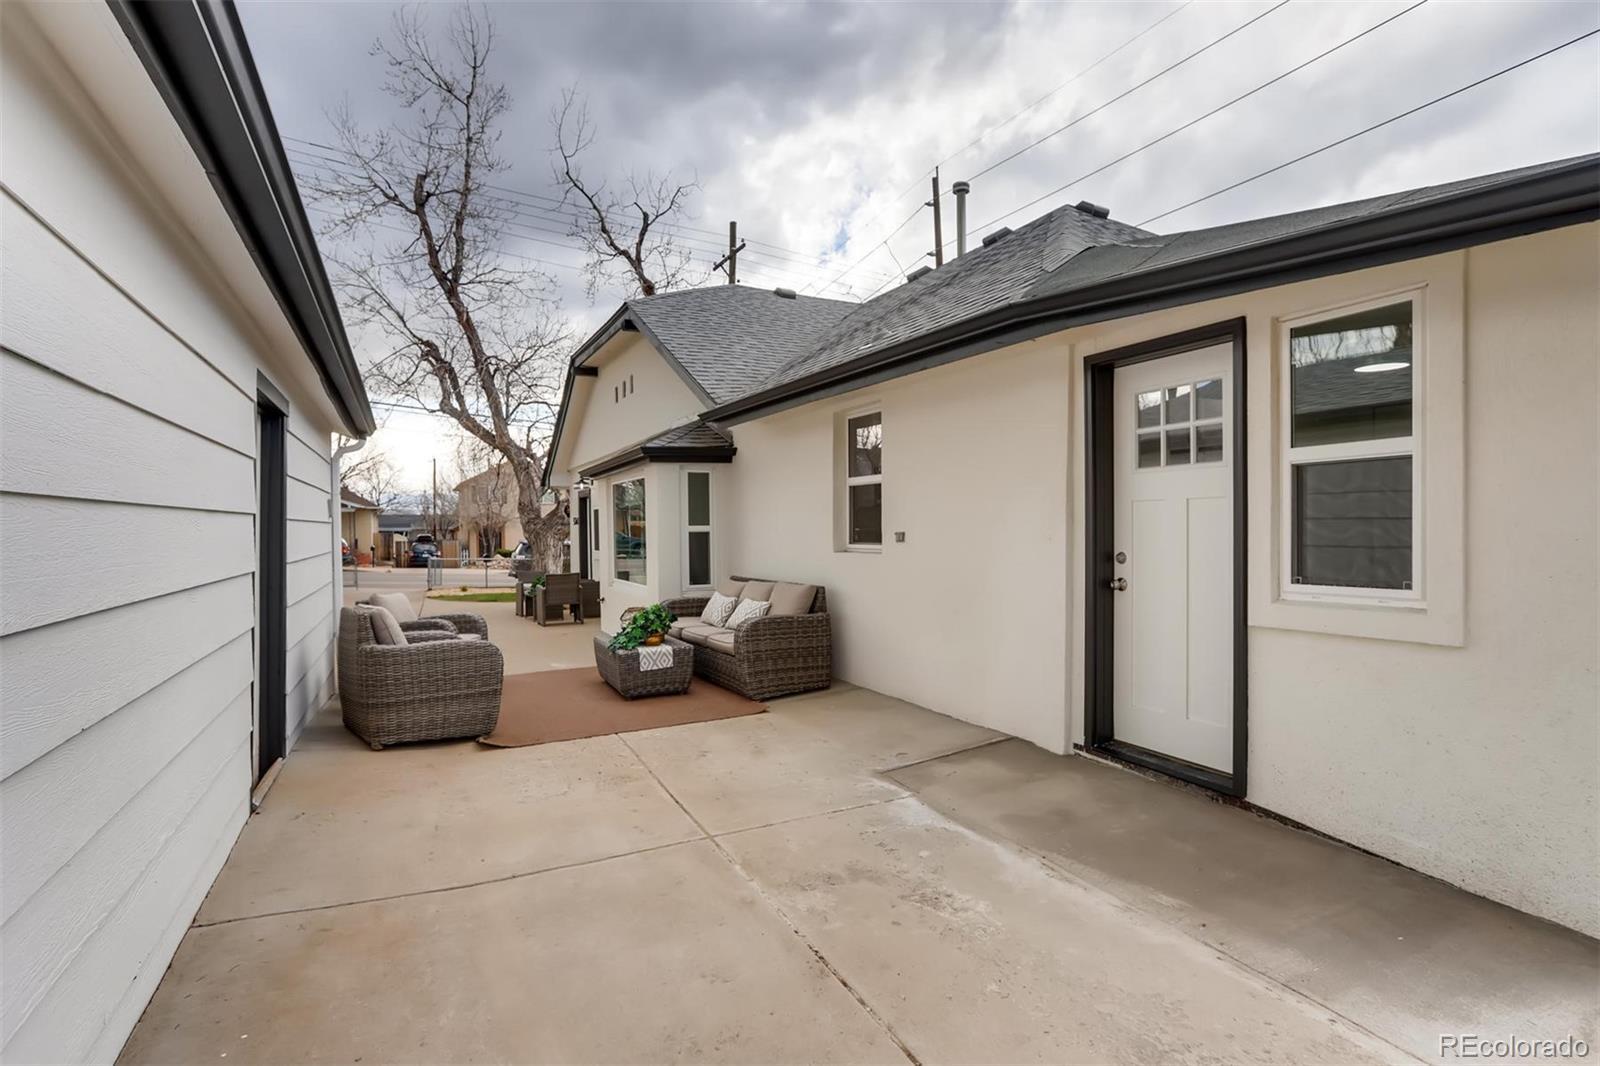 MLS# 4558076 - 30 - 5260 Lowell Boulevard, Denver, CO 80221